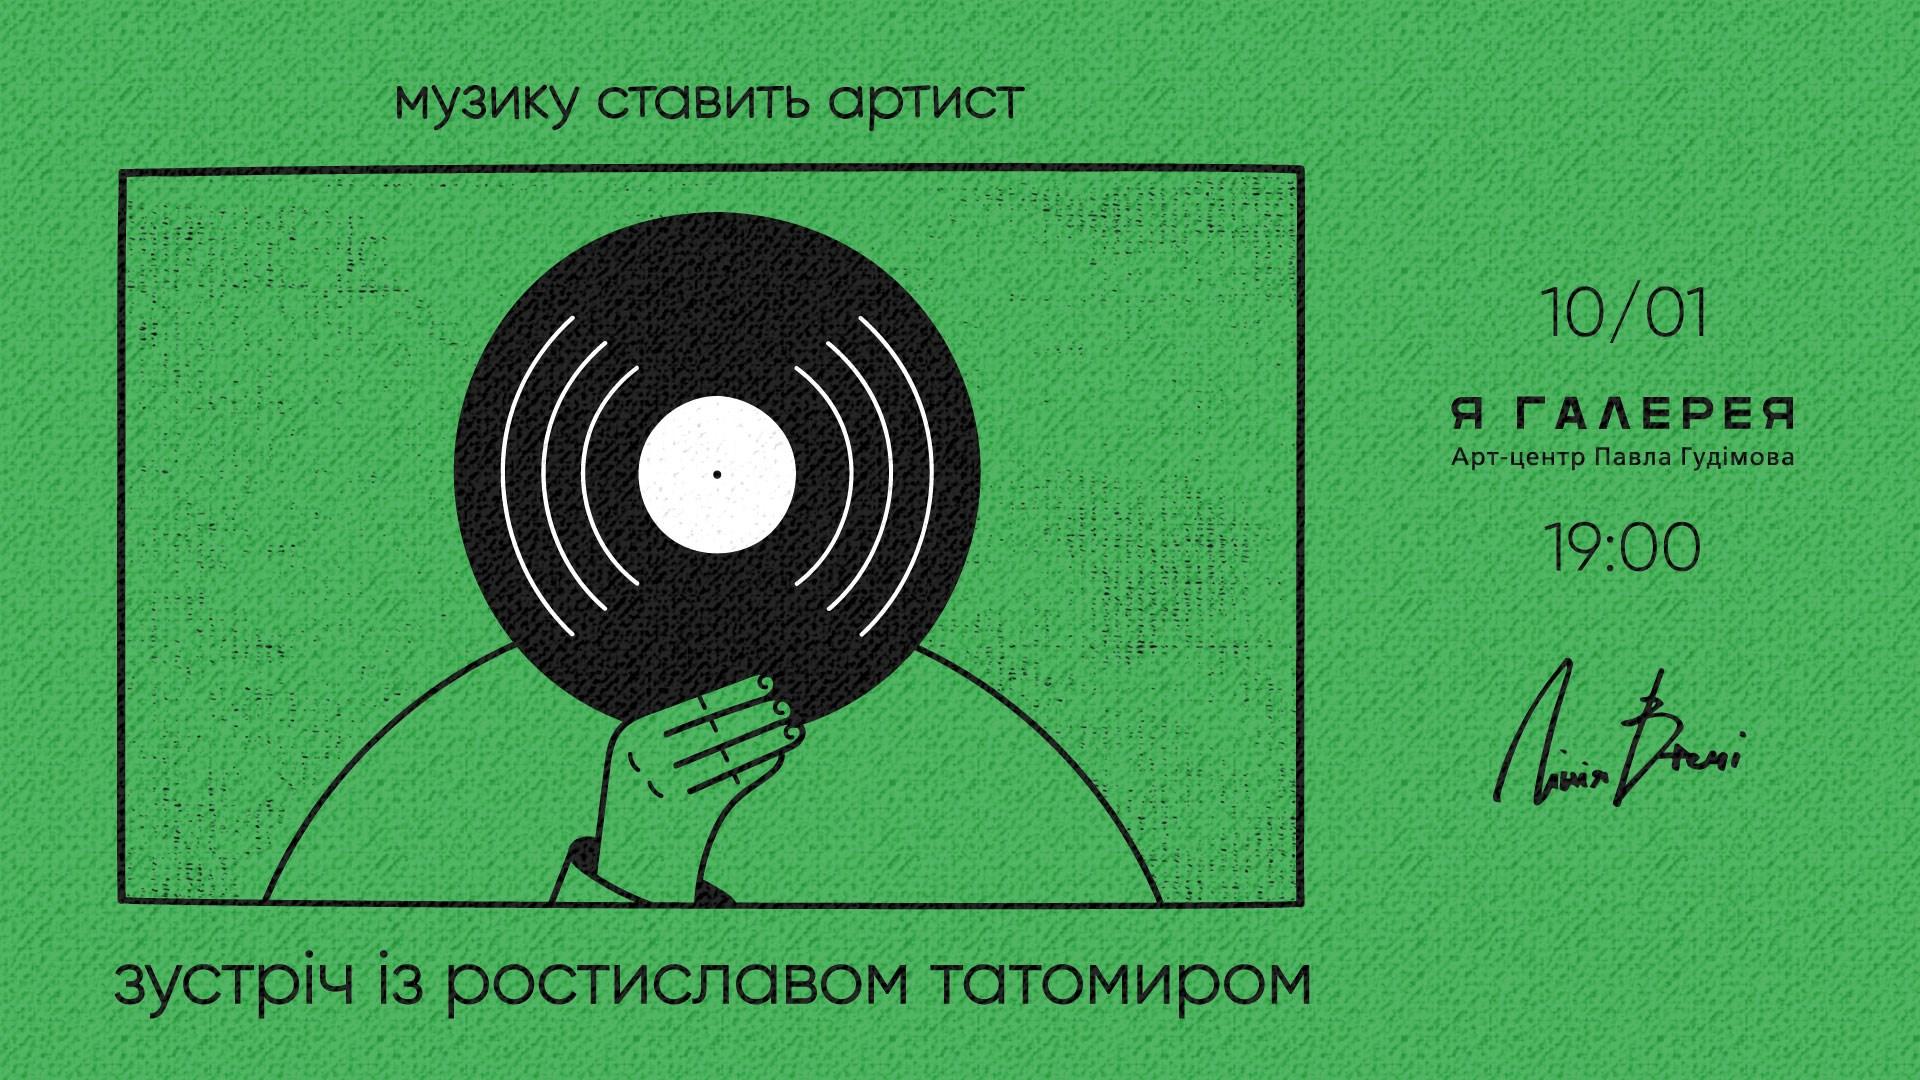 Музику ставить артист. Зустріч із Ростиком Татомиром